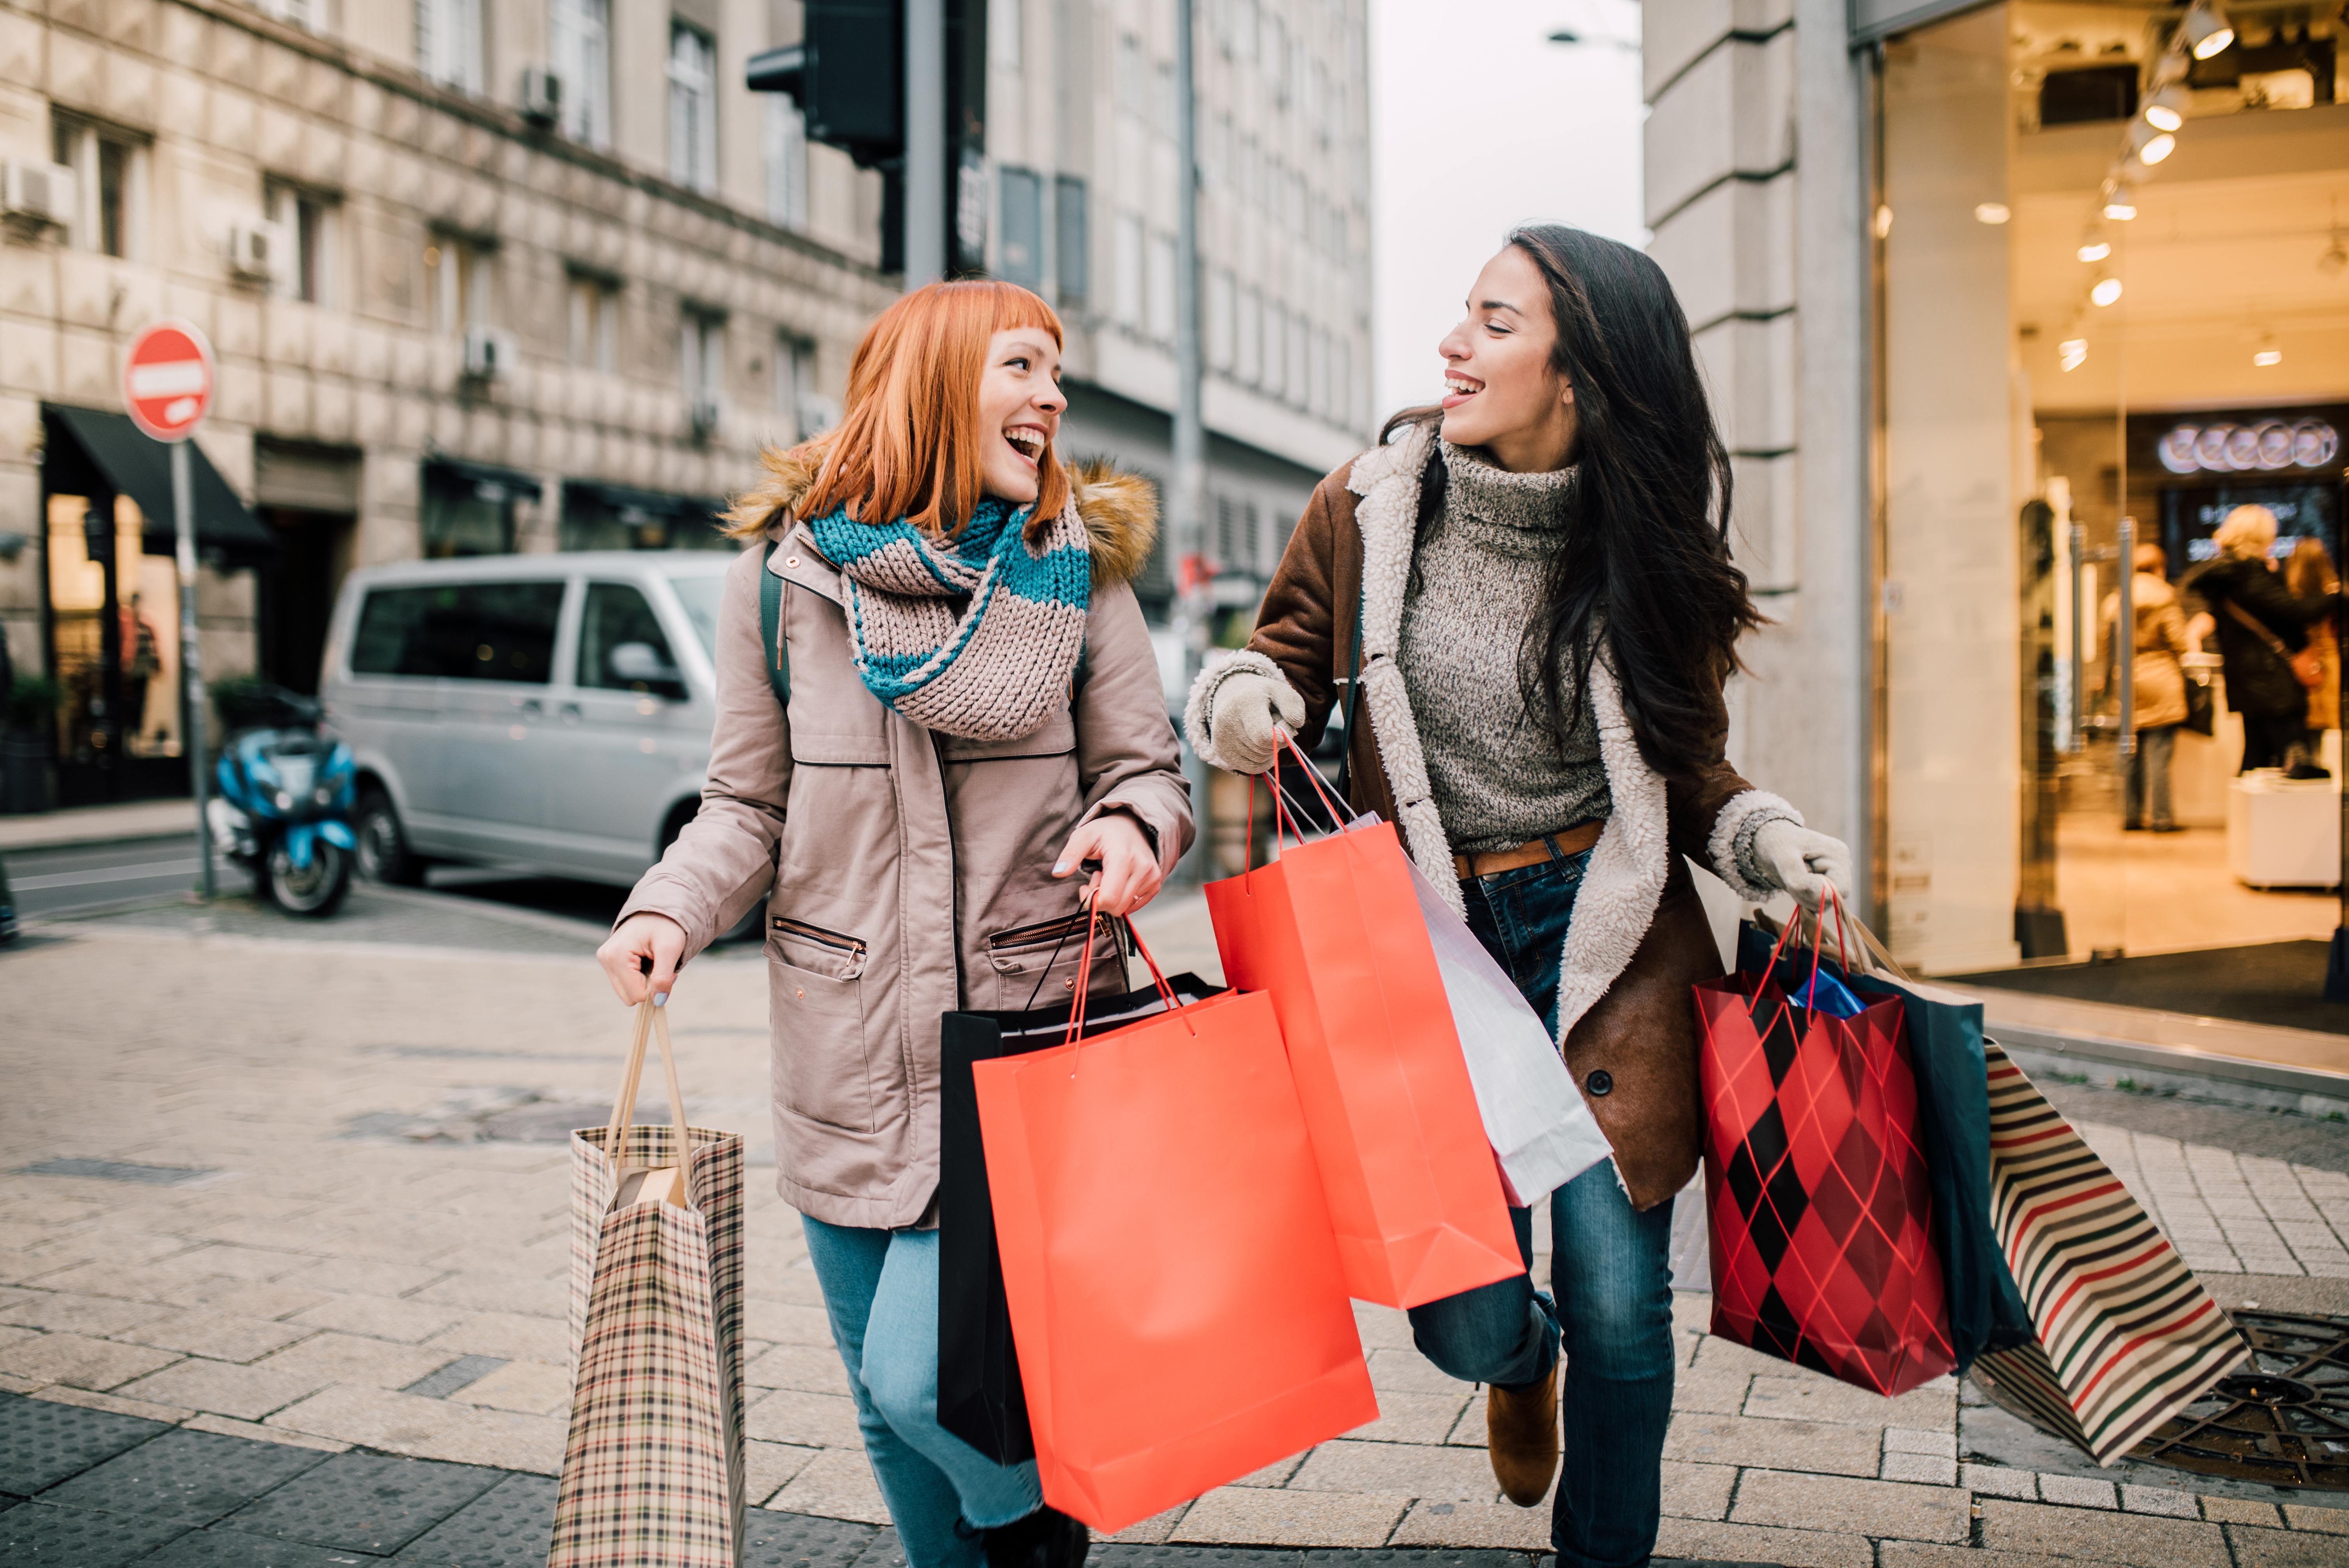 Quais são os seus direitos como consumidor?